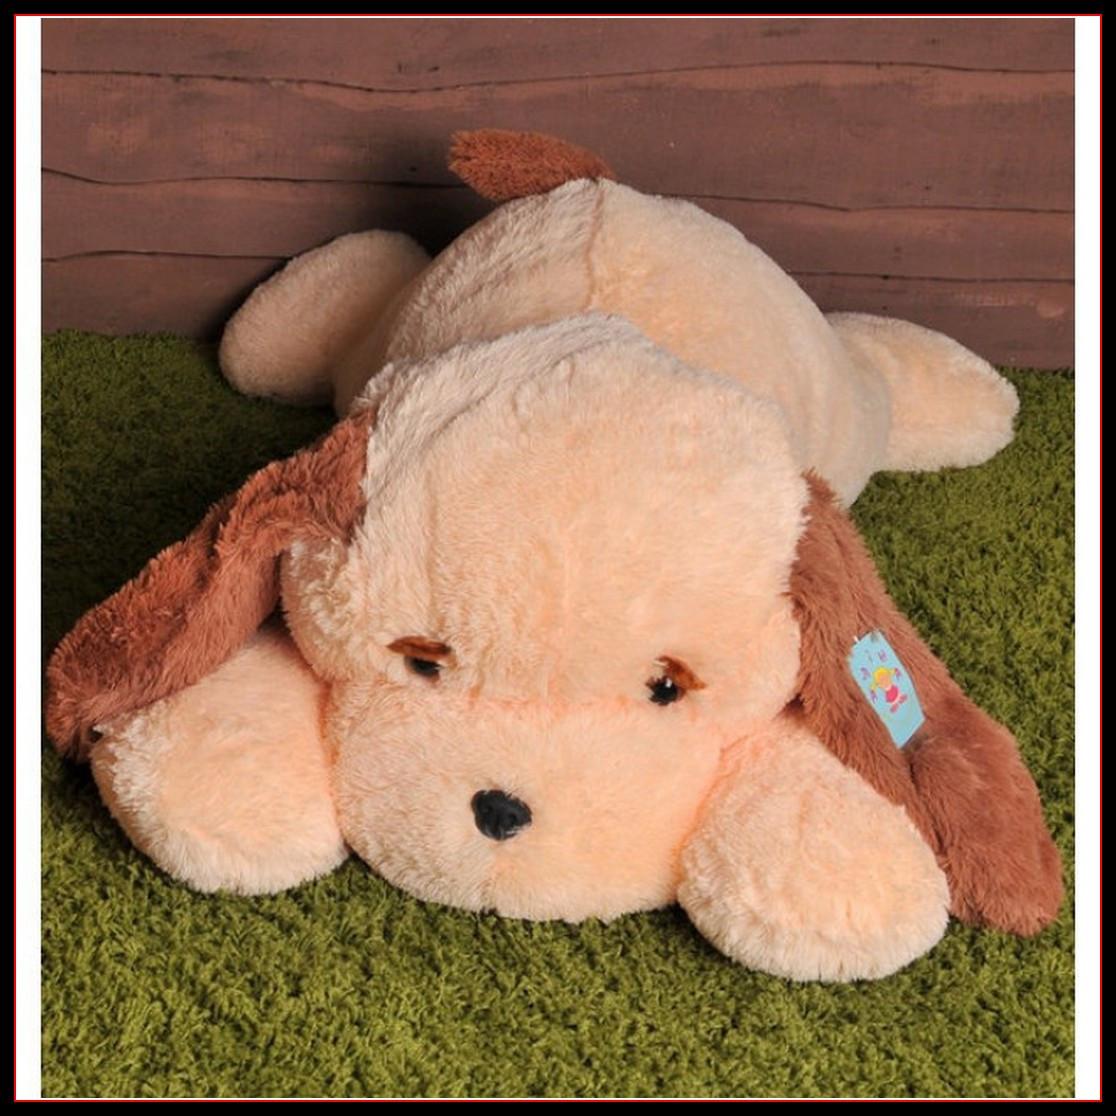 Большая мягкая игрушка Собака 90 см персиковый цвет